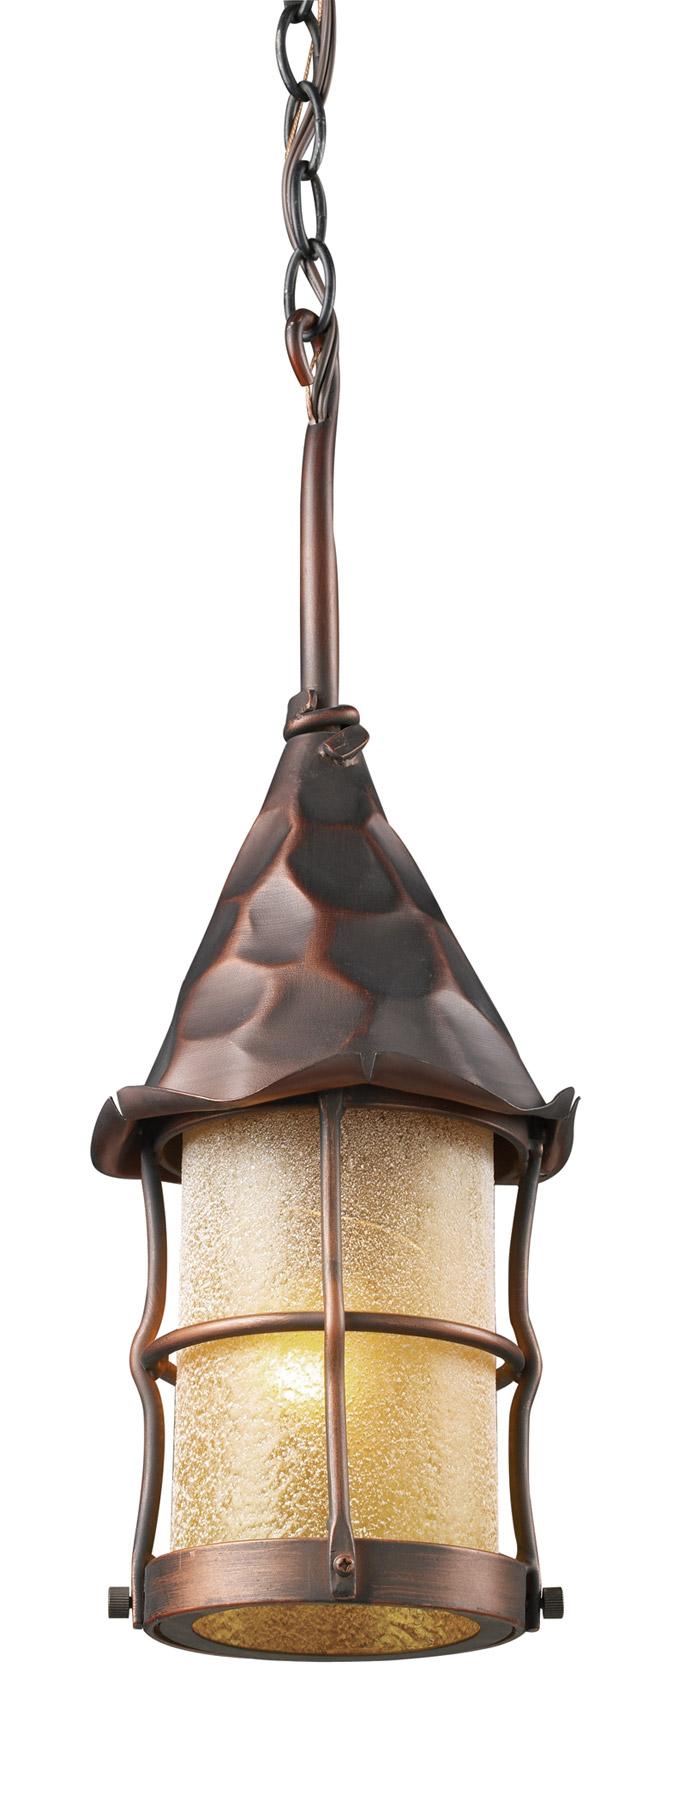 Elk Lighting 388 Ac Rustica Outdoor Hanging Lantern